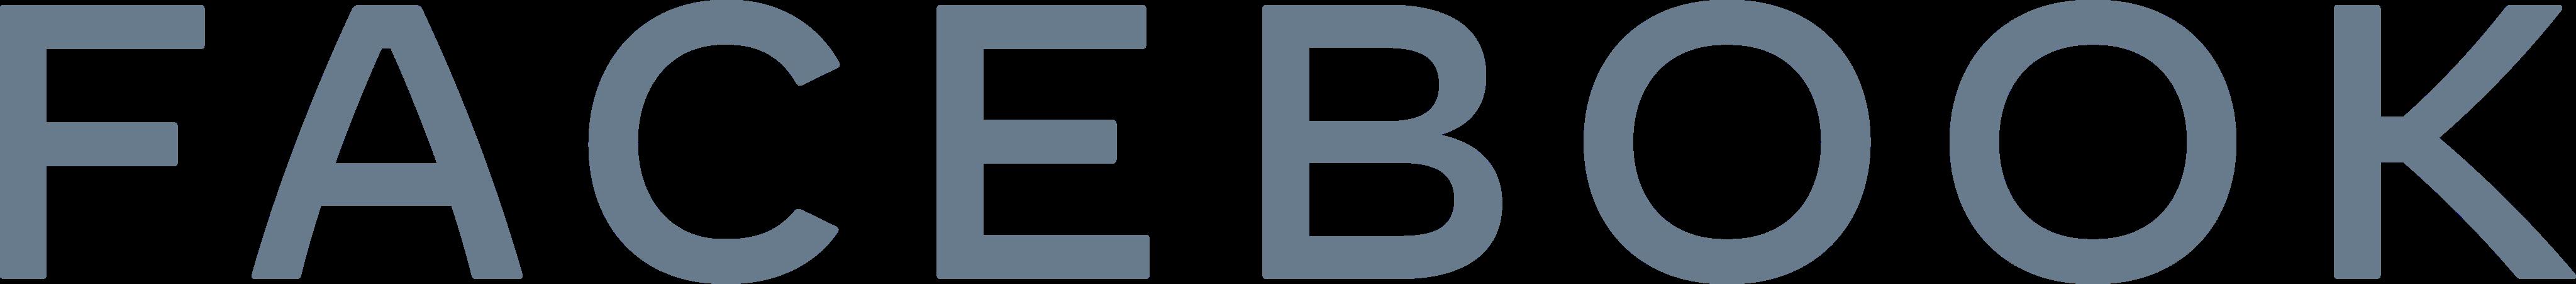 FACEBOOK Inc. Logo.